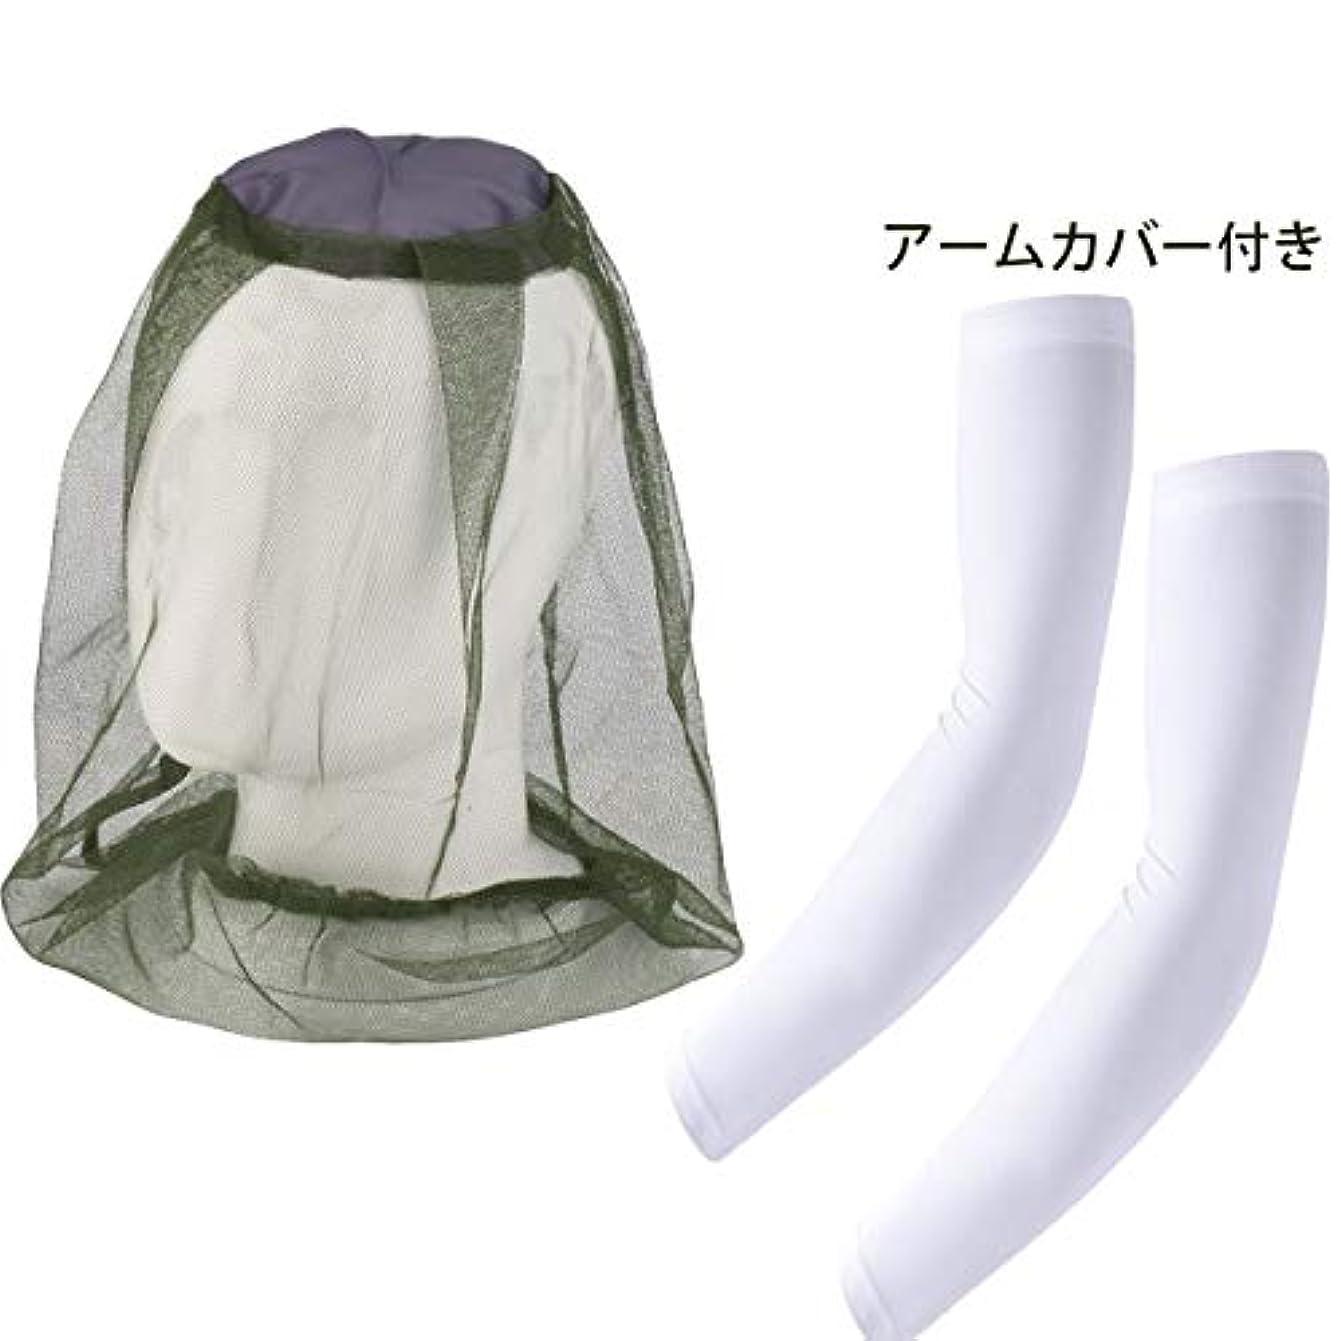 ファウル郊外指定Lenzai 蚊除けネット UV対策アームカバー付き 虫よけ 網 虫除けネット 蚊よけヘッドネット 園芸 農作業 釣り ハイキング アウトドア